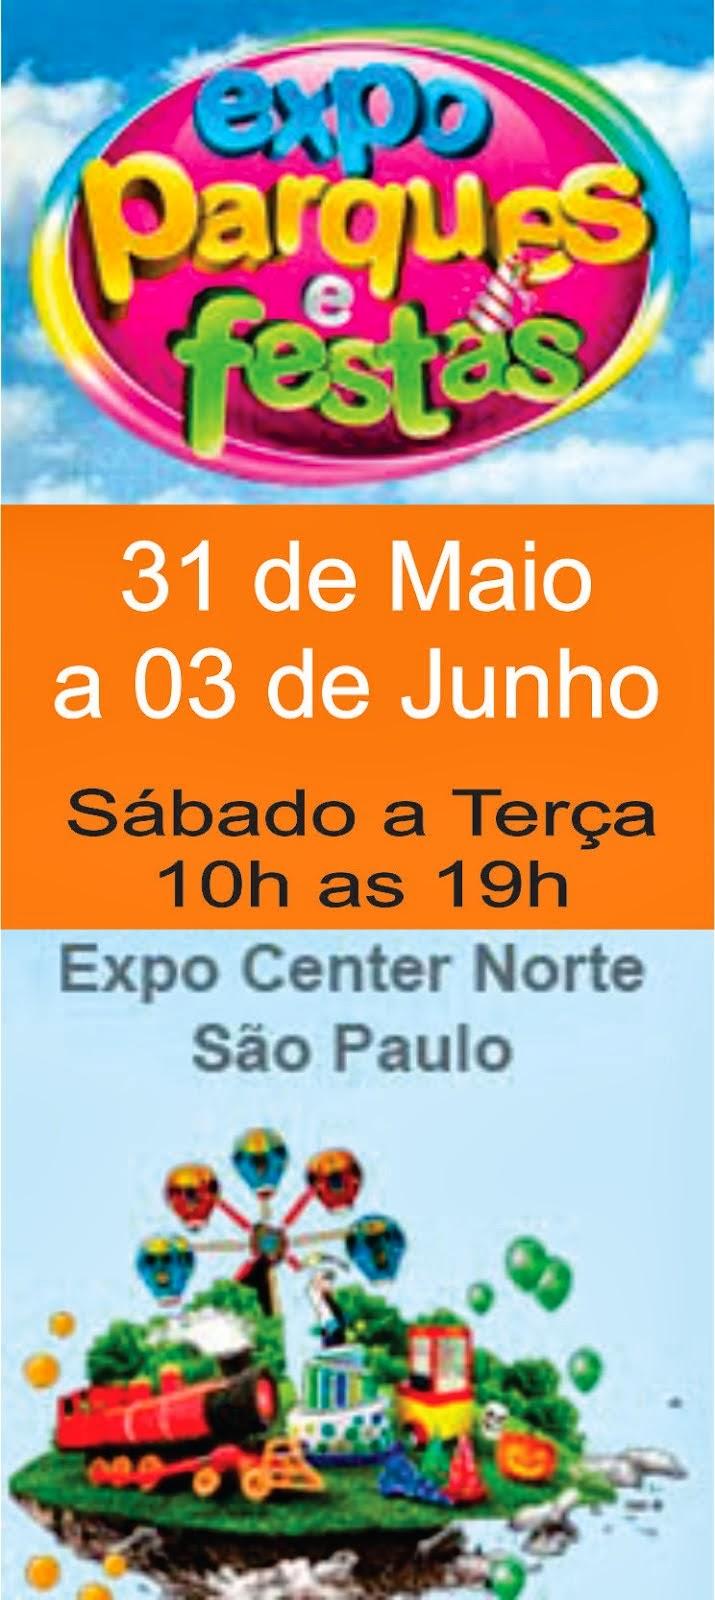 FEIRA EXPO-PARQUE E FESTAS 2014 - p/ Buffet/Parques/Decoradores/Eventos em Geral